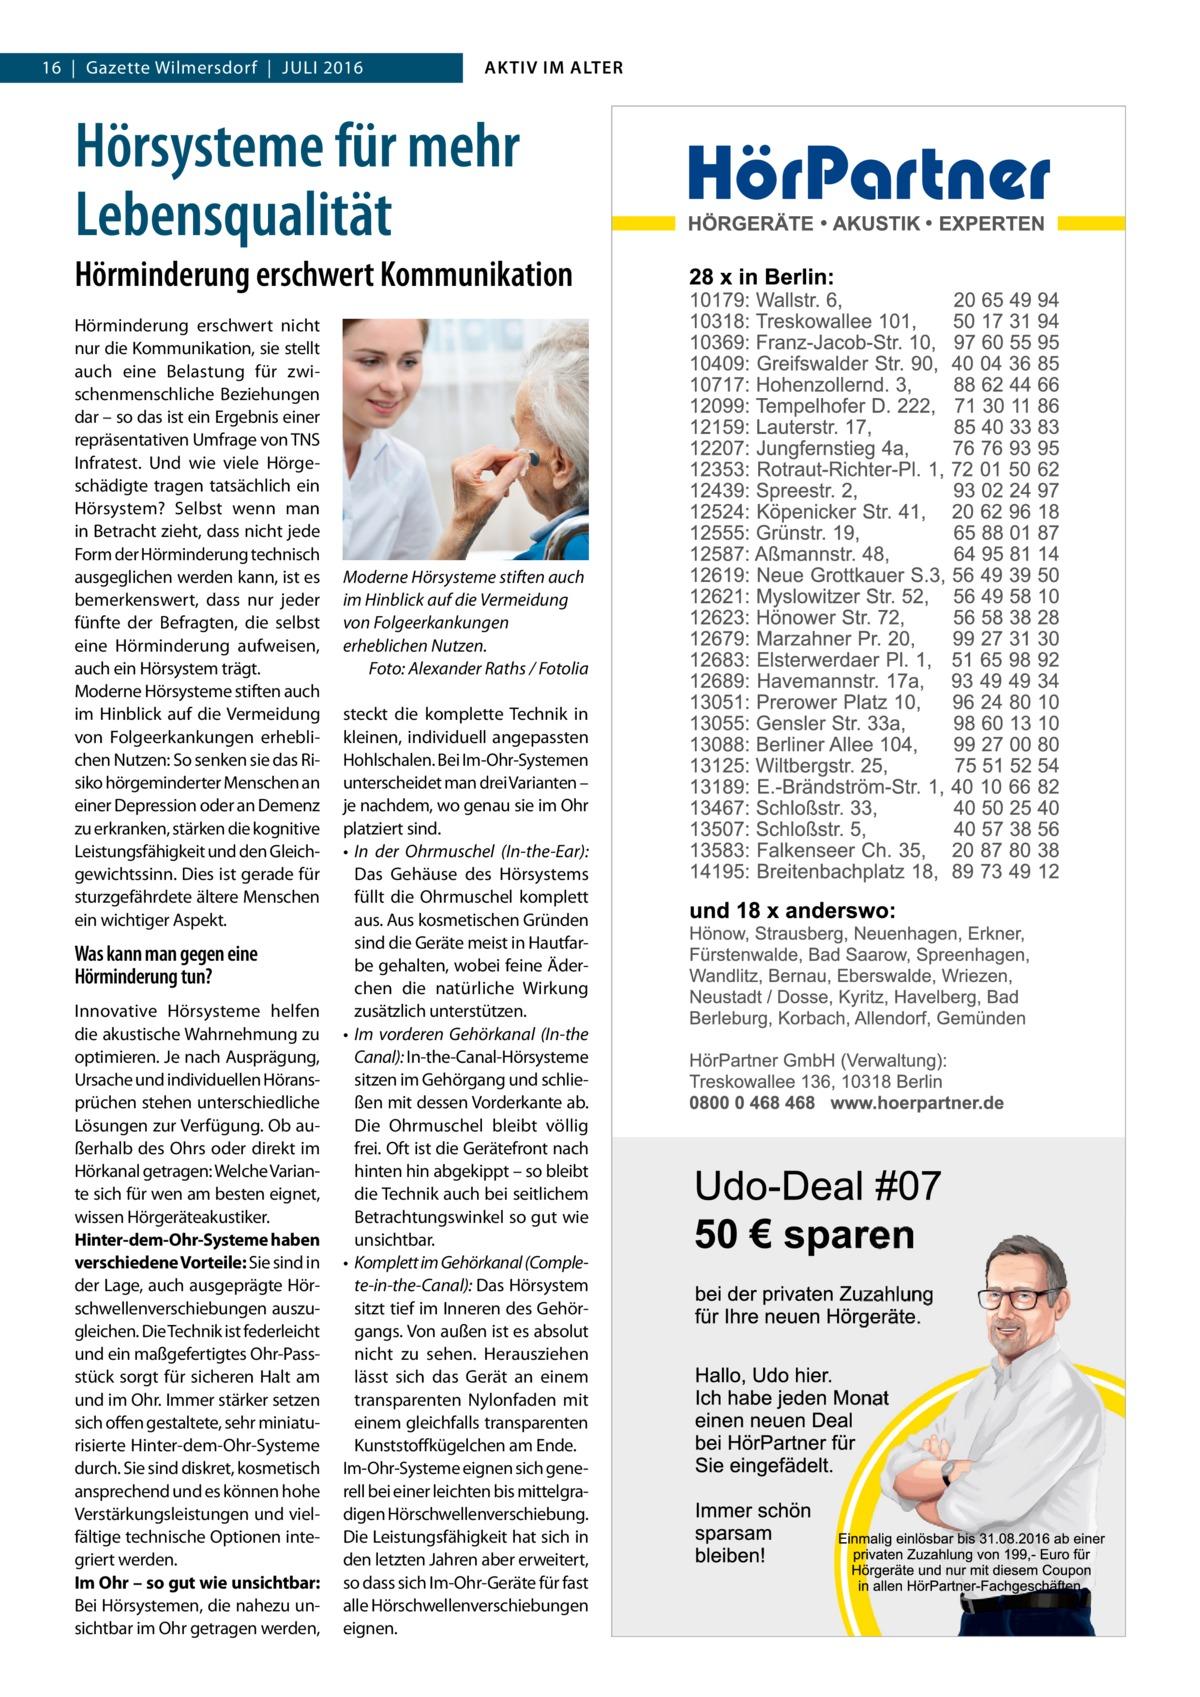 16 Gazette Wilmersdorf Juli 2016  AKTIV IM ALTER  Hörsysteme für mehr Lebensqualität Hörminderung erschwert Kommunikation Hörminderung erschwert nicht nur die Kommunikation, sie stellt auch eine Belastung für zwischenmenschliche Beziehungen dar – so das ist ein Ergebnis einer repräsentativen Umfrage von TNS Infratest. Und wie viele Hörgeschädigte tragen tatsächlich ein Hörsystem? Selbst wenn man in Betracht zieht, dass nicht jede Form der Hörminderung technisch ausgeglichen werden kann, ist es bemerkenswert, dass nur jeder fünfte der Befragten, die selbst eine Hörminderung aufweisen, auch ein Hörsystem trägt. Moderne Hörsysteme stiften auch im Hinblick auf die Vermeidung von Folgeerkankungen erheblichen Nutzen: So senken sie das Risiko hörgeminderter Menschen an einer Depression oder an Demenz zu erkranken, stärken die kognitive Leistungsfähigkeit und den Gleichgewichtssinn. Dies ist gerade für sturzgefährdete ältere Menschen ein wichtiger Aspekt.  Was kann man gegen eine Hörminderung tun? Innovative Hörsysteme helfen die akustische Wahrnehmung zu optimieren. Je nach Ausprägung, Ursache und individuellen Höransprüchen stehen unterschiedliche Lösungen zur Verfügung. Ob außerhalb des Ohrs oder direkt im Hörkanal getragen: Welche Variante sich für wen am besten eignet, wissen Hörgeräteakustiker. Hinter-dem-Ohr-Systeme haben verschiedene Vorteile: Sie sind in der Lage, auch ausgeprägte Hörschwellenverschiebungen auszugleichen. Die Technik ist federleicht und ein maßgefertigtes Ohr-Passstück sorgt für sicheren Halt am und im Ohr. Immer stärker setzen sich offen gestaltete, sehr miniaturisierte Hinter-dem-Ohr-Systeme durch. Sie sind diskret, kosmetisch ansprechend und es können hohe Verstärkungsleistungen und vielfältige technische Optionen integriert werden. Im Ohr – so gut wie unsichtbar: Bei Hörsystemen, die nahezu unsichtbar im Ohr getragen werden,  Moderne Hörsysteme stiften auch im Hinblick auf die Vermeidung von Folgeerkankungen erheblichen Nutzen. � Foto: Alexande